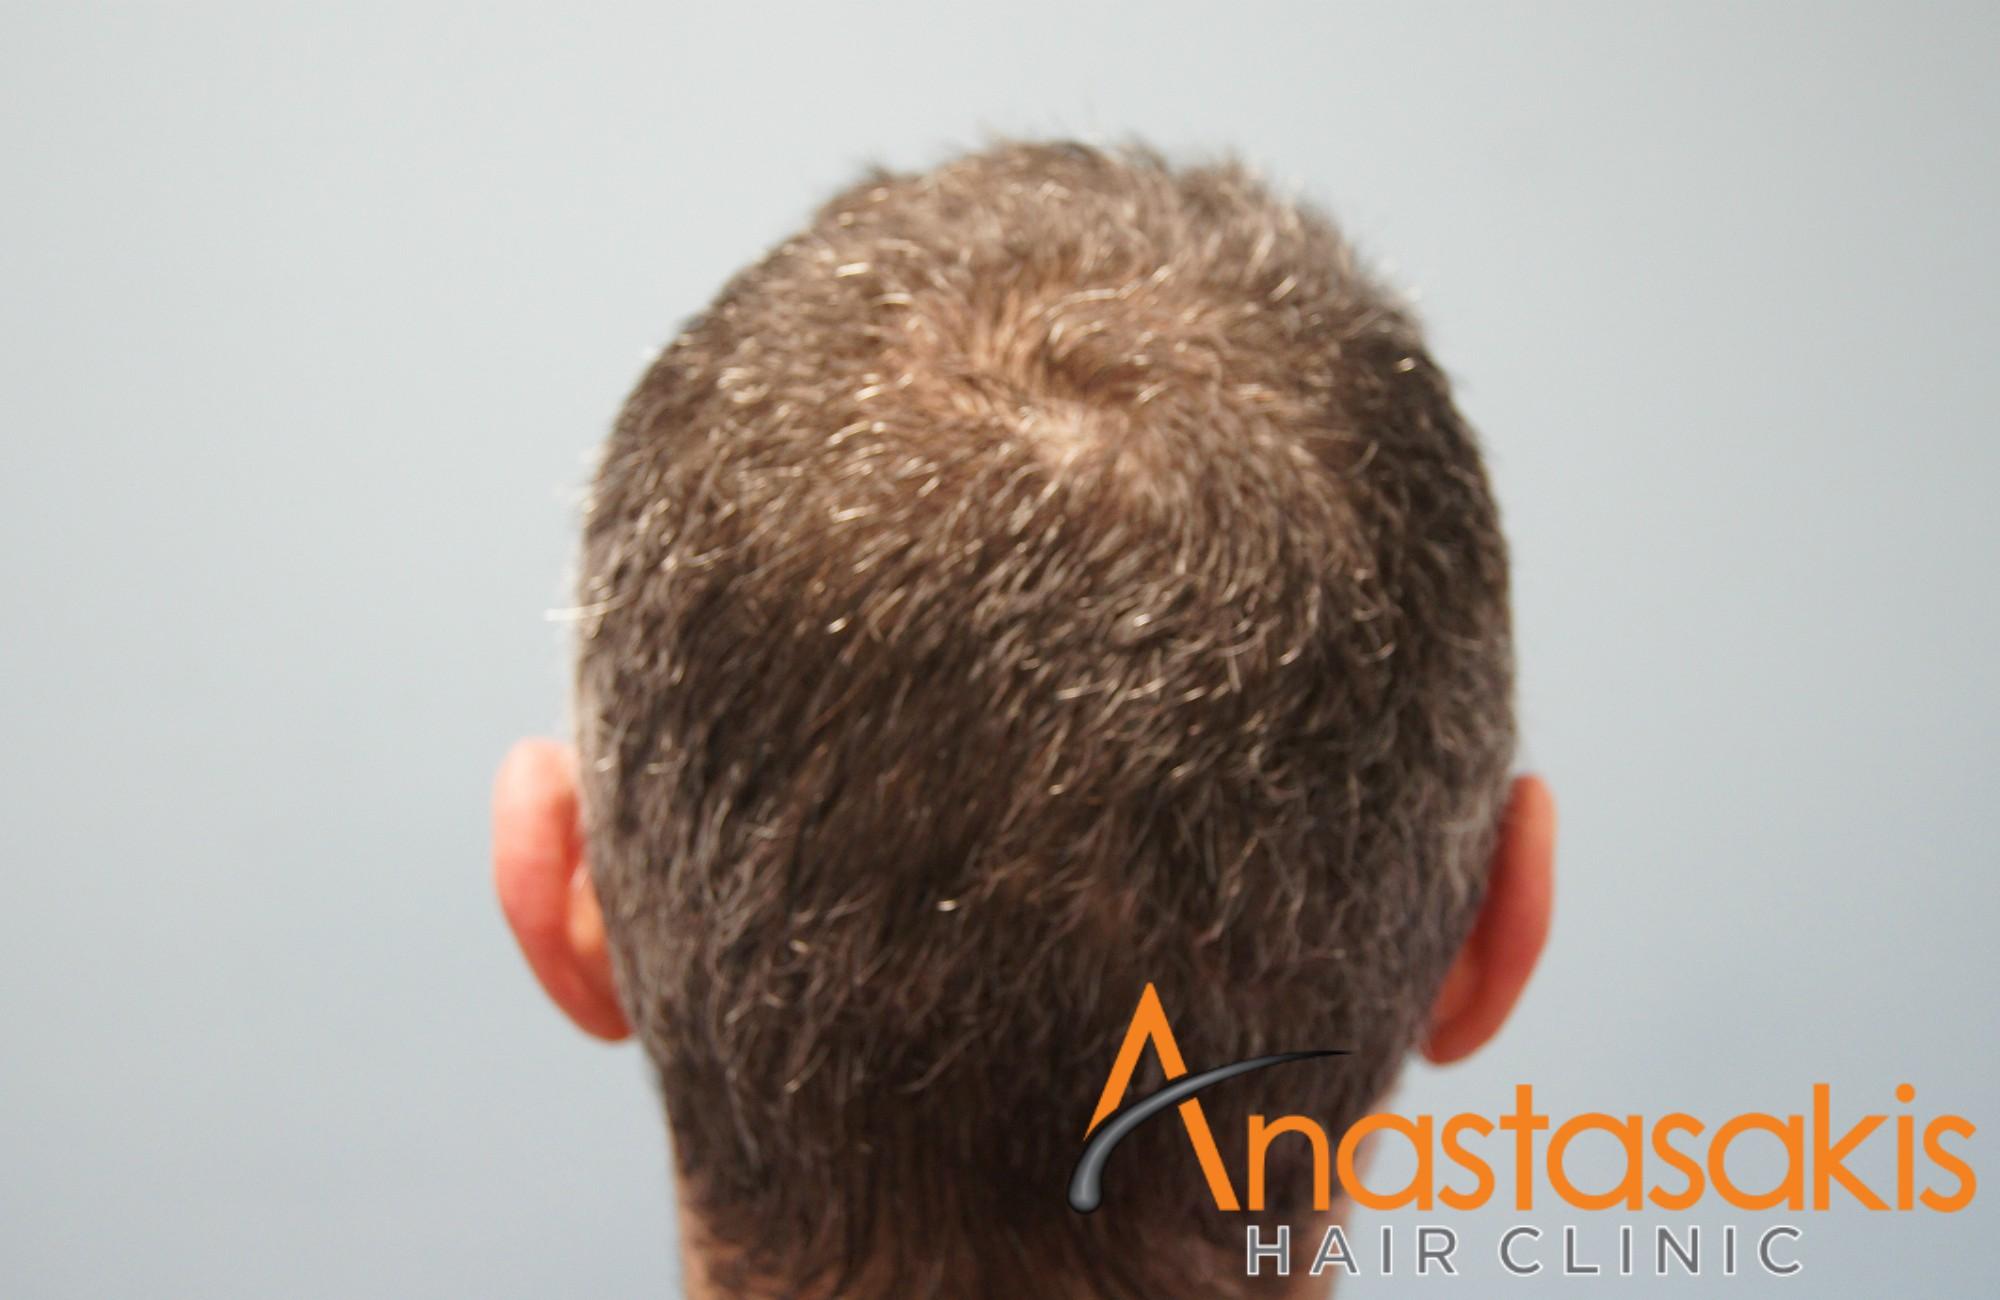 κορυφη ασθενους μετα τη μεταμοσχευση μαλλιων με 2100 fus